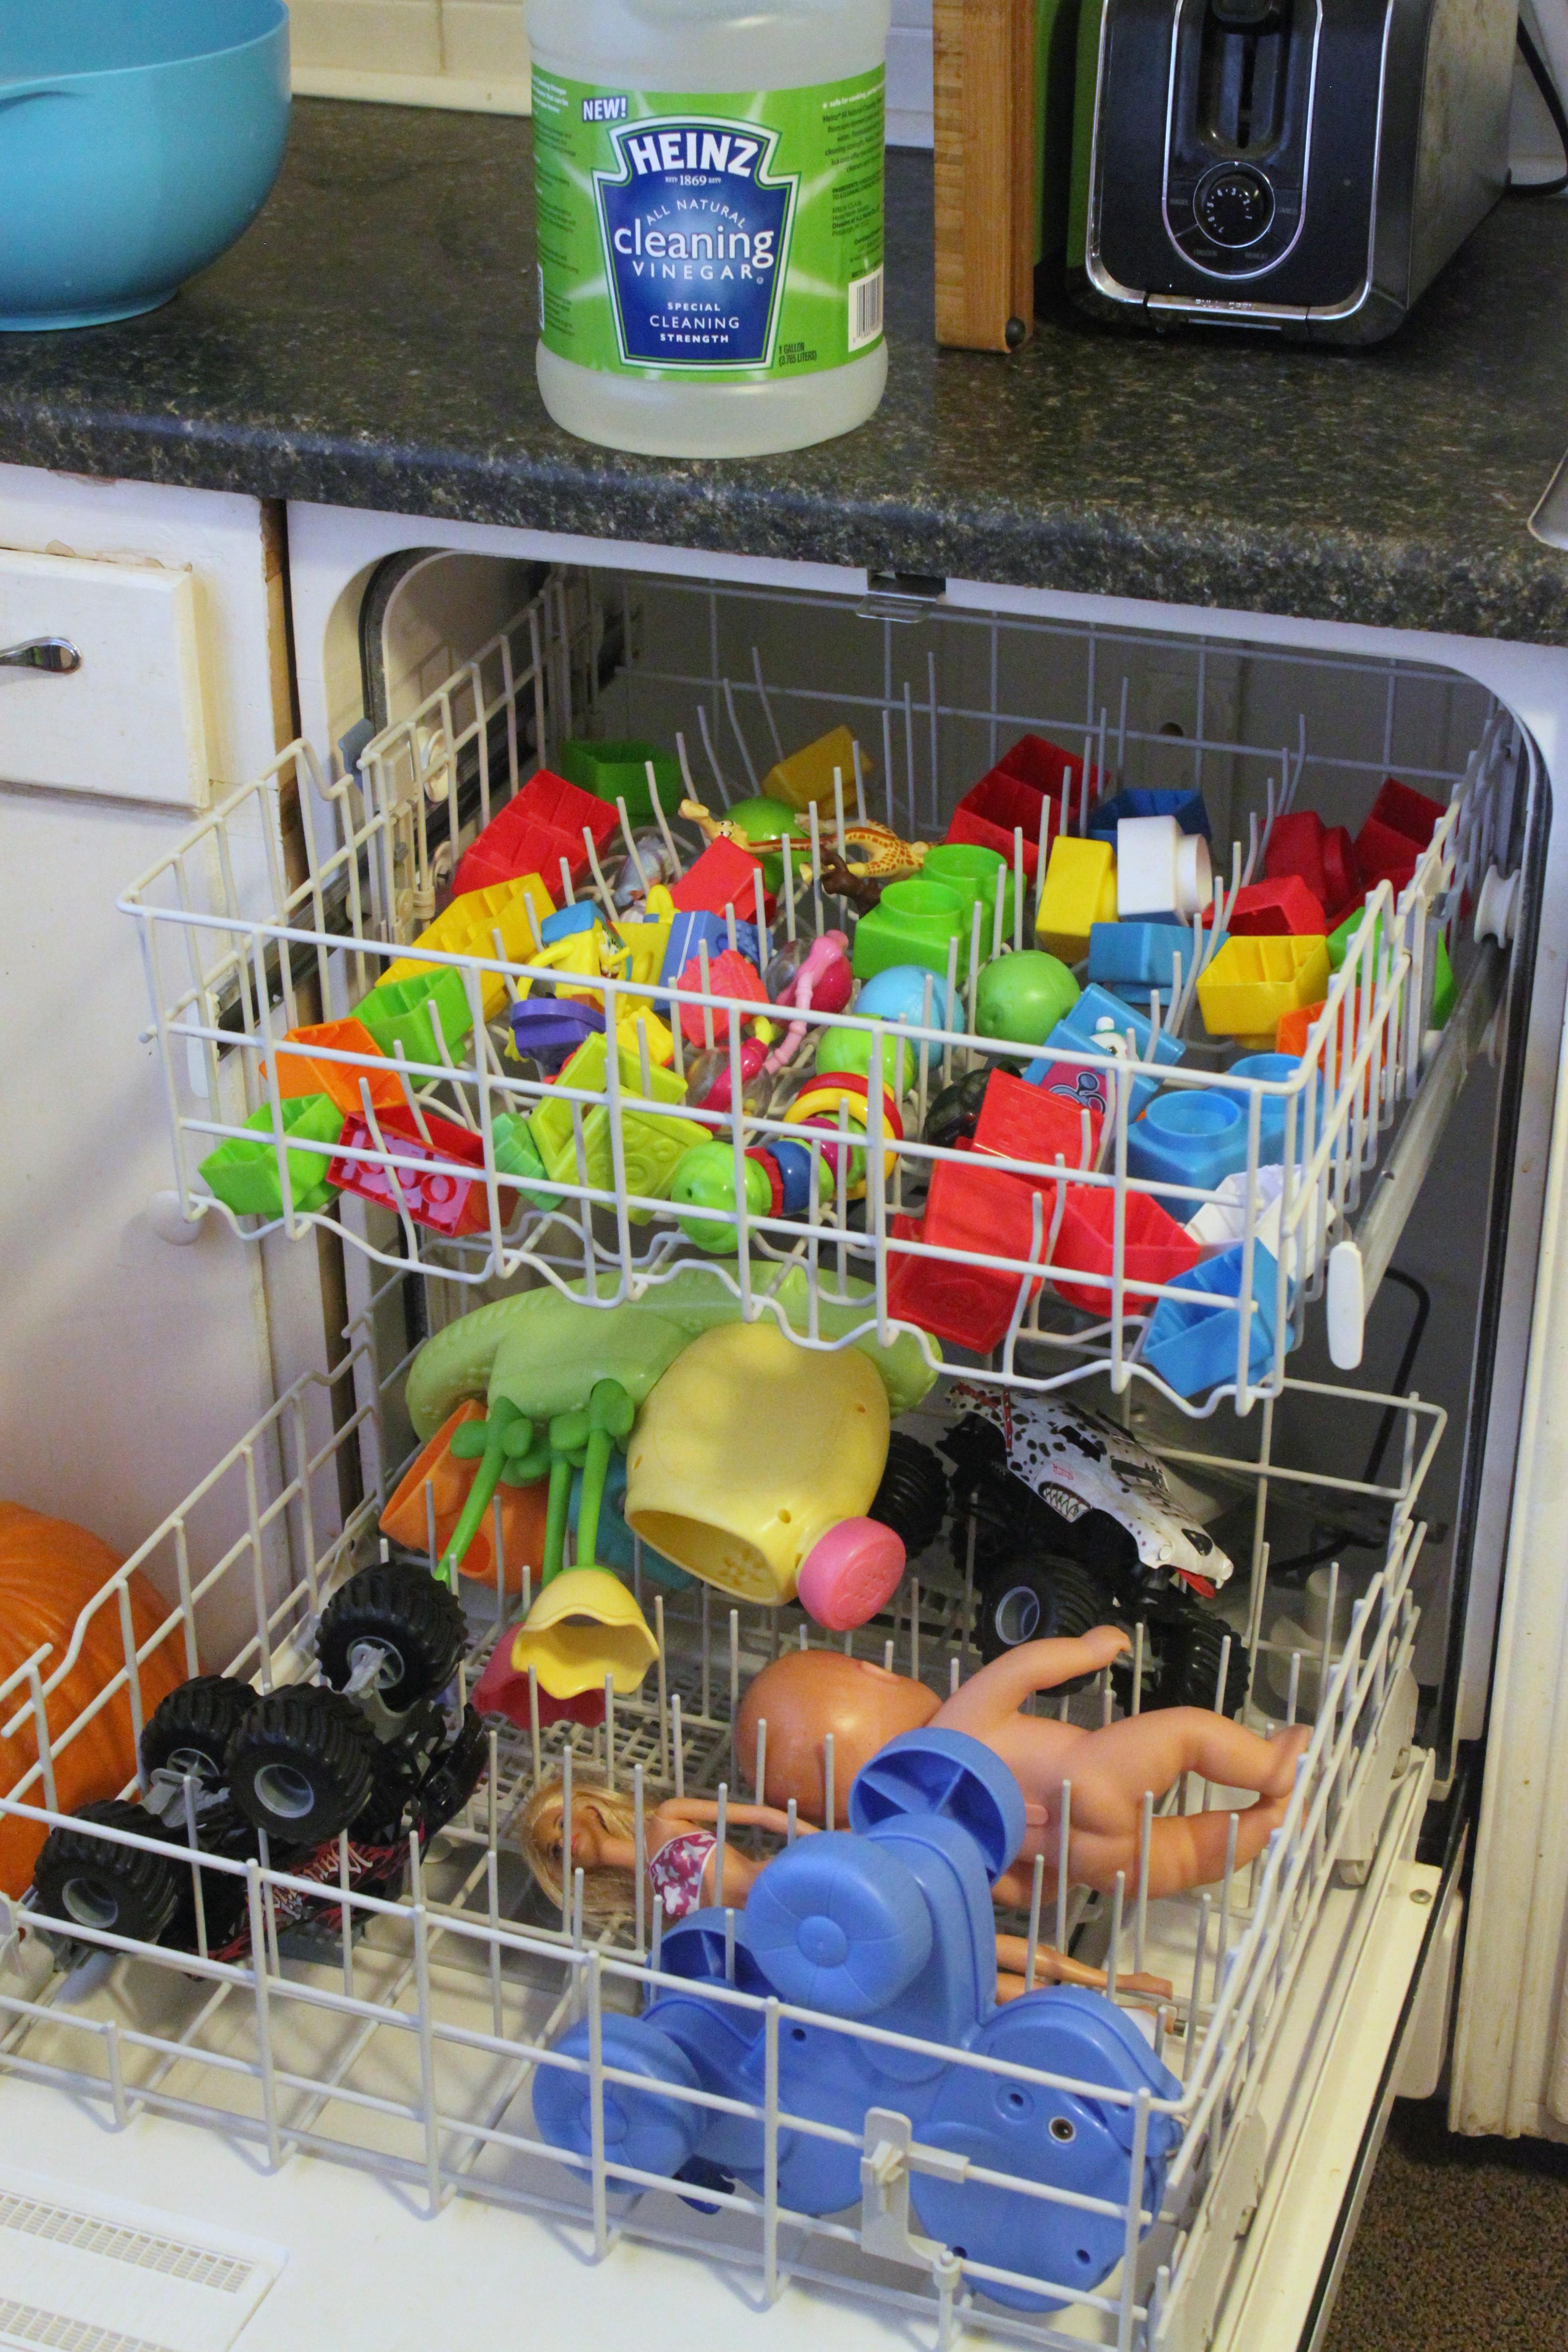 Clean your kids toys in the dishwasher with vinegar! #HeinzVinegar